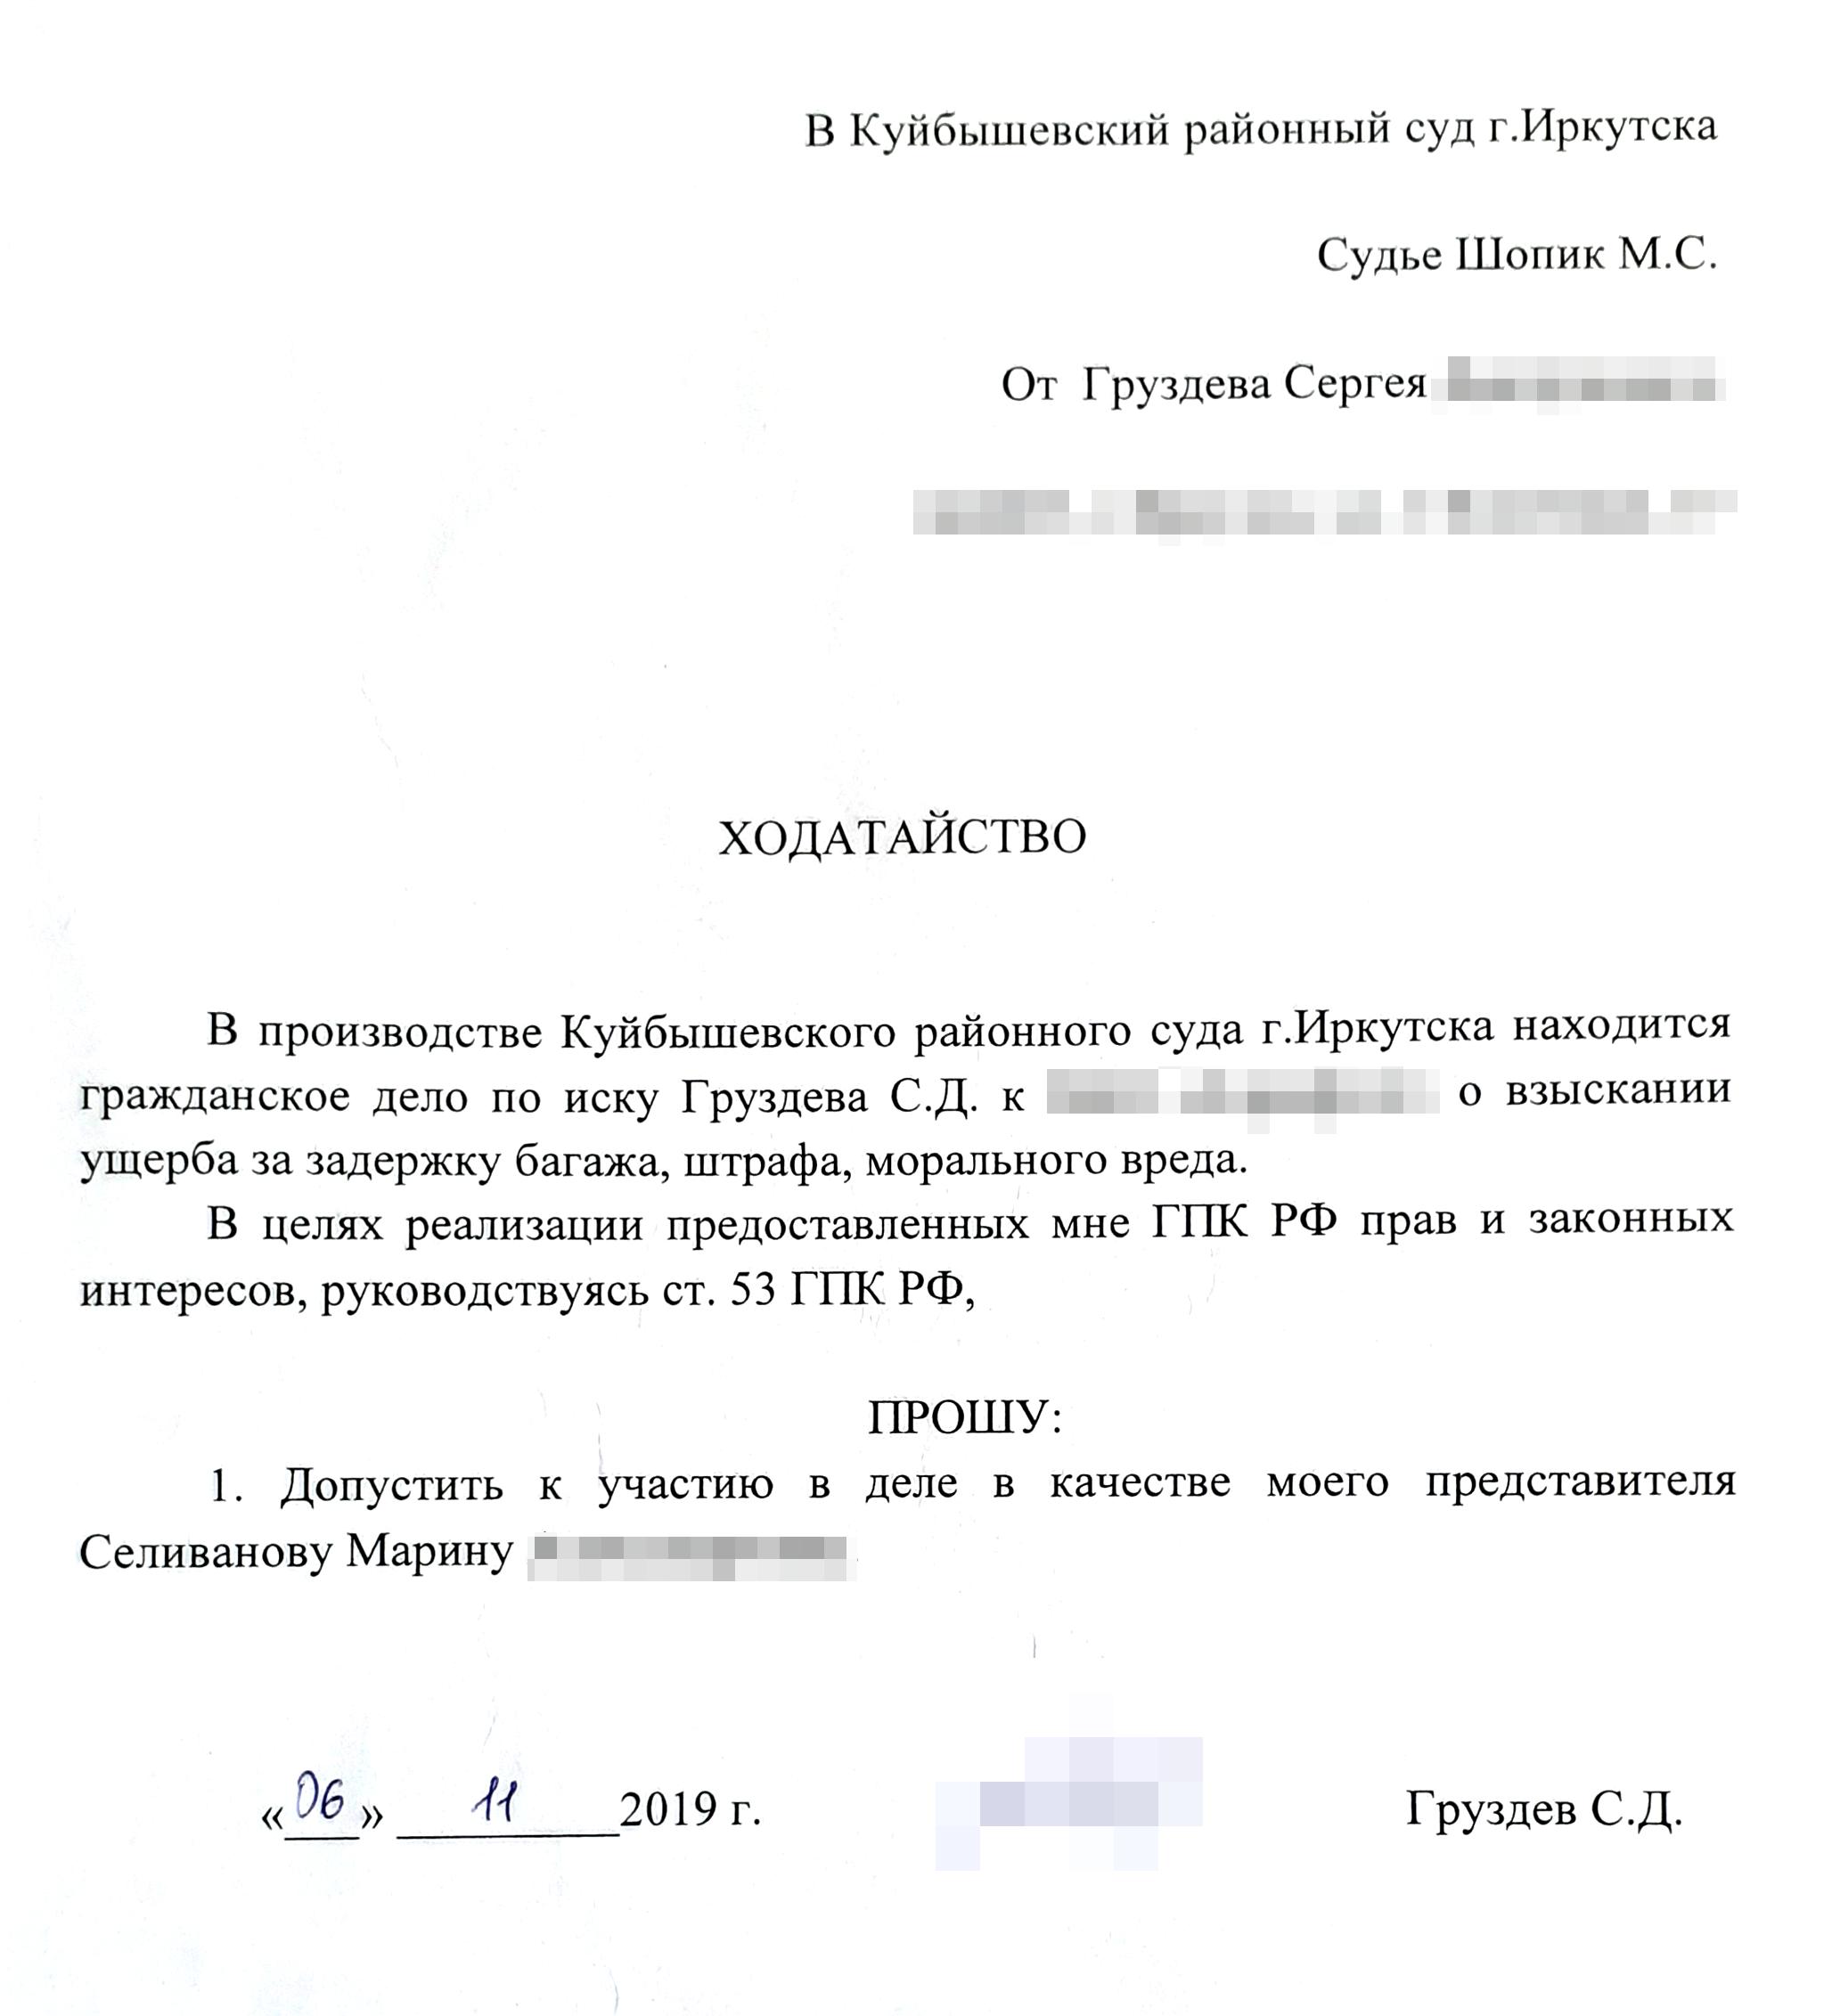 Ходатайство Сергея о допуске представителя к участию в заседании